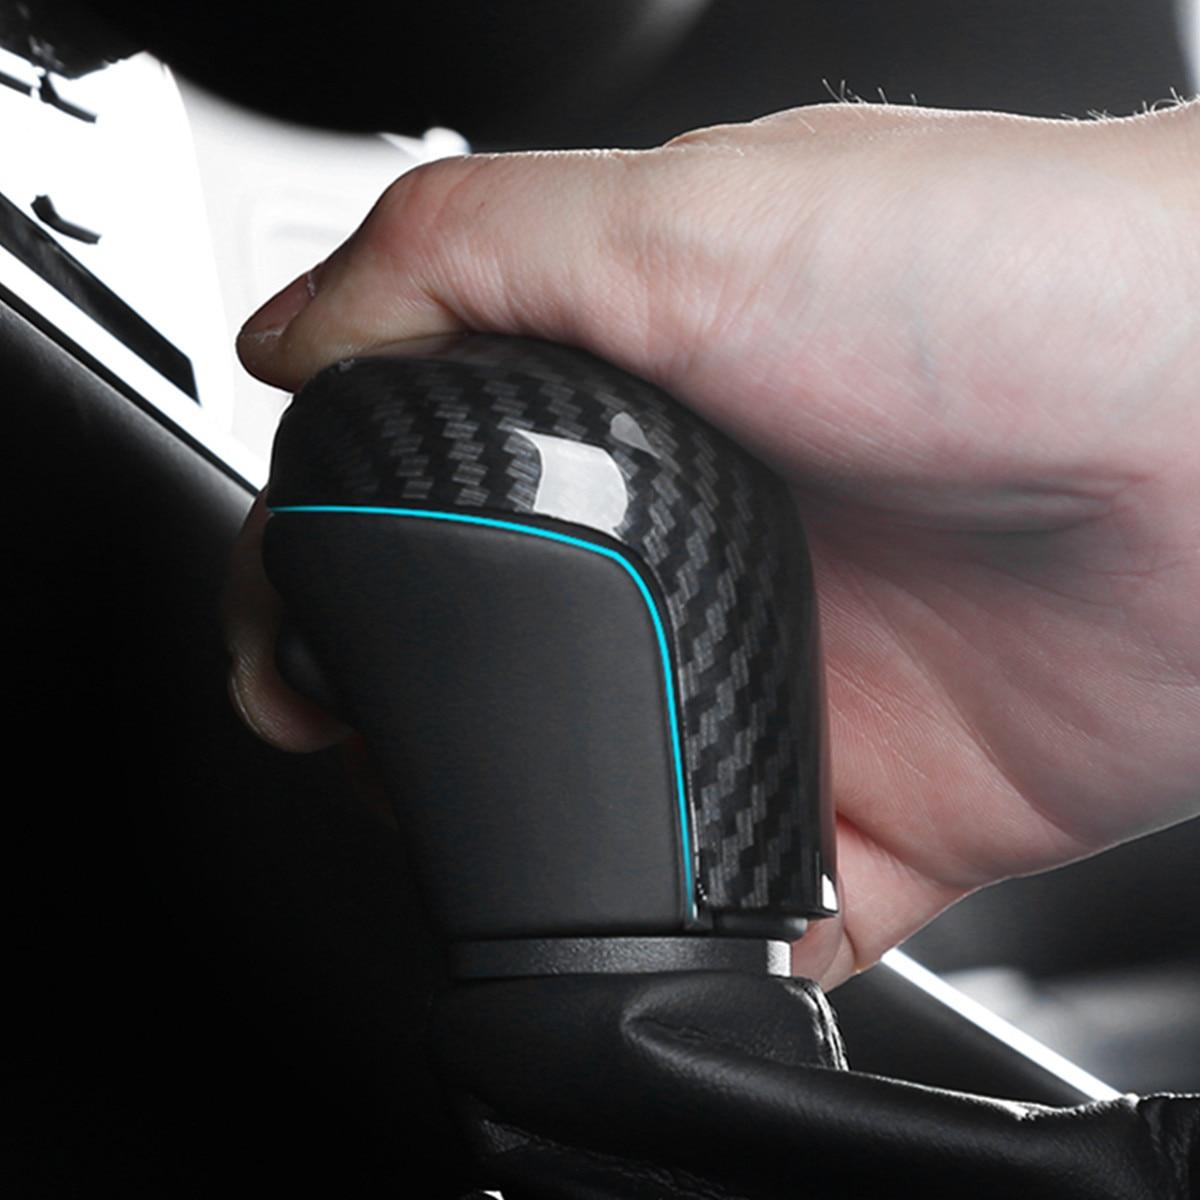 Para toyota camry 2018 2019 8th shift de engrenagem botão guarnição capa etiqueta do carro estilo acessórios